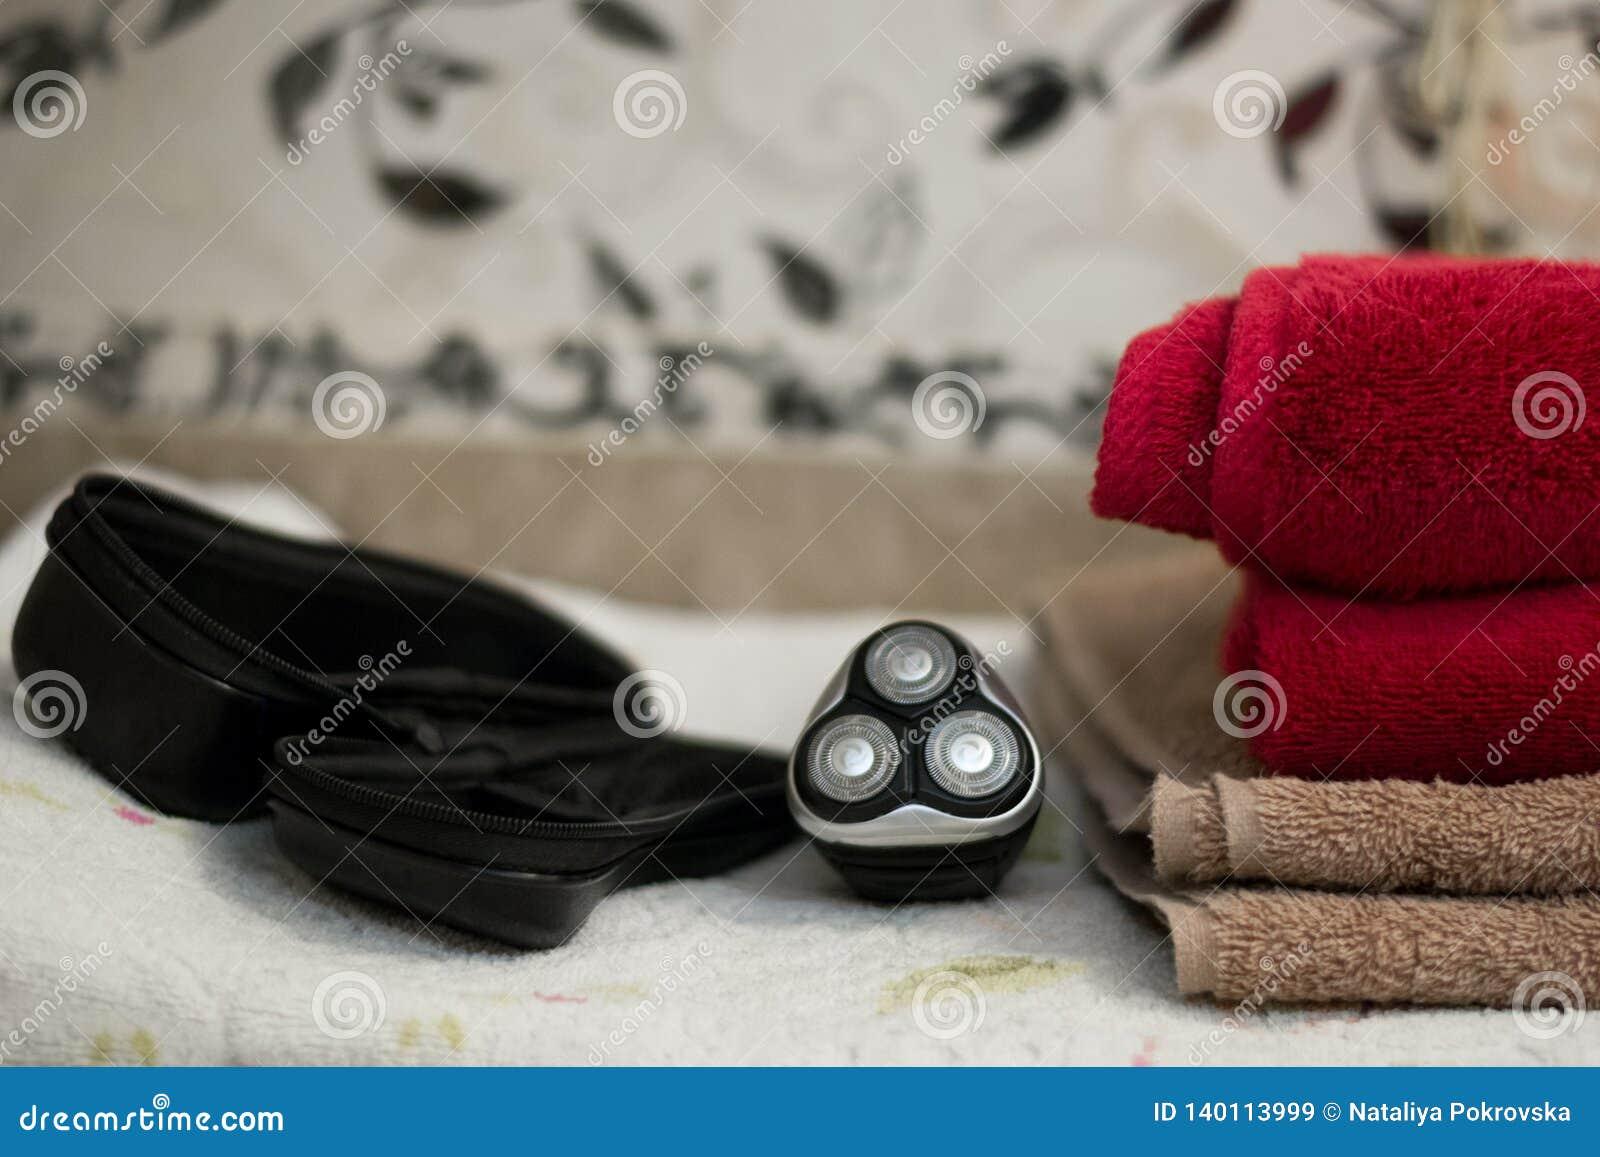 Elektrisch blauw roterend scheerapparaat met drie bladen dichtbij zwart geval en badhanddoeken